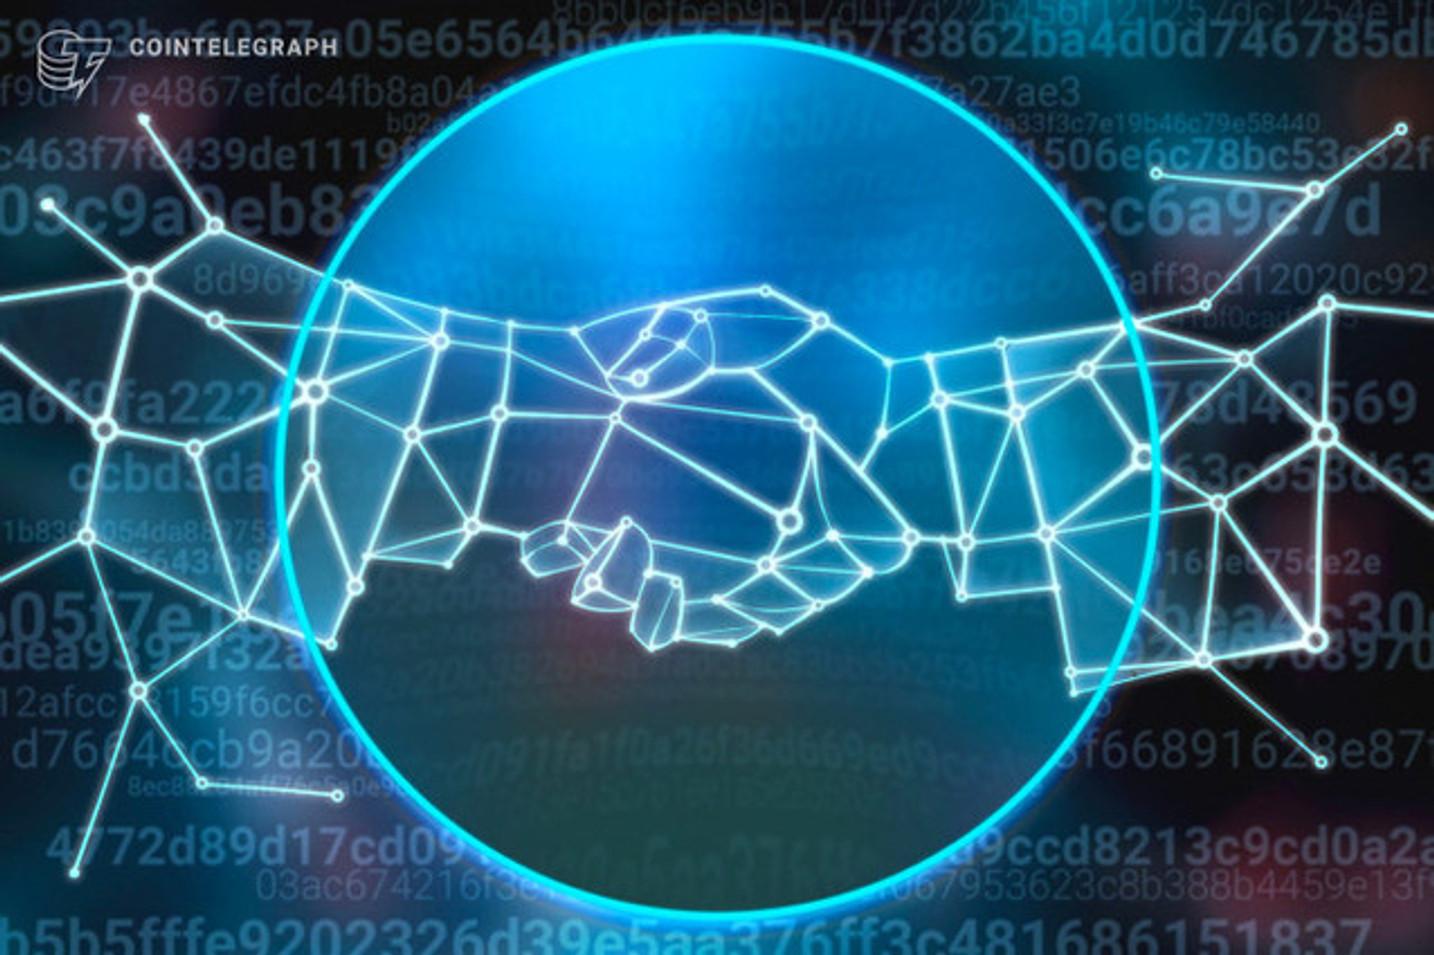 Traveler ID for Safe Travel: La nueva plataforma que incluye tecnología Blockchain para la verificación digital de credenciales